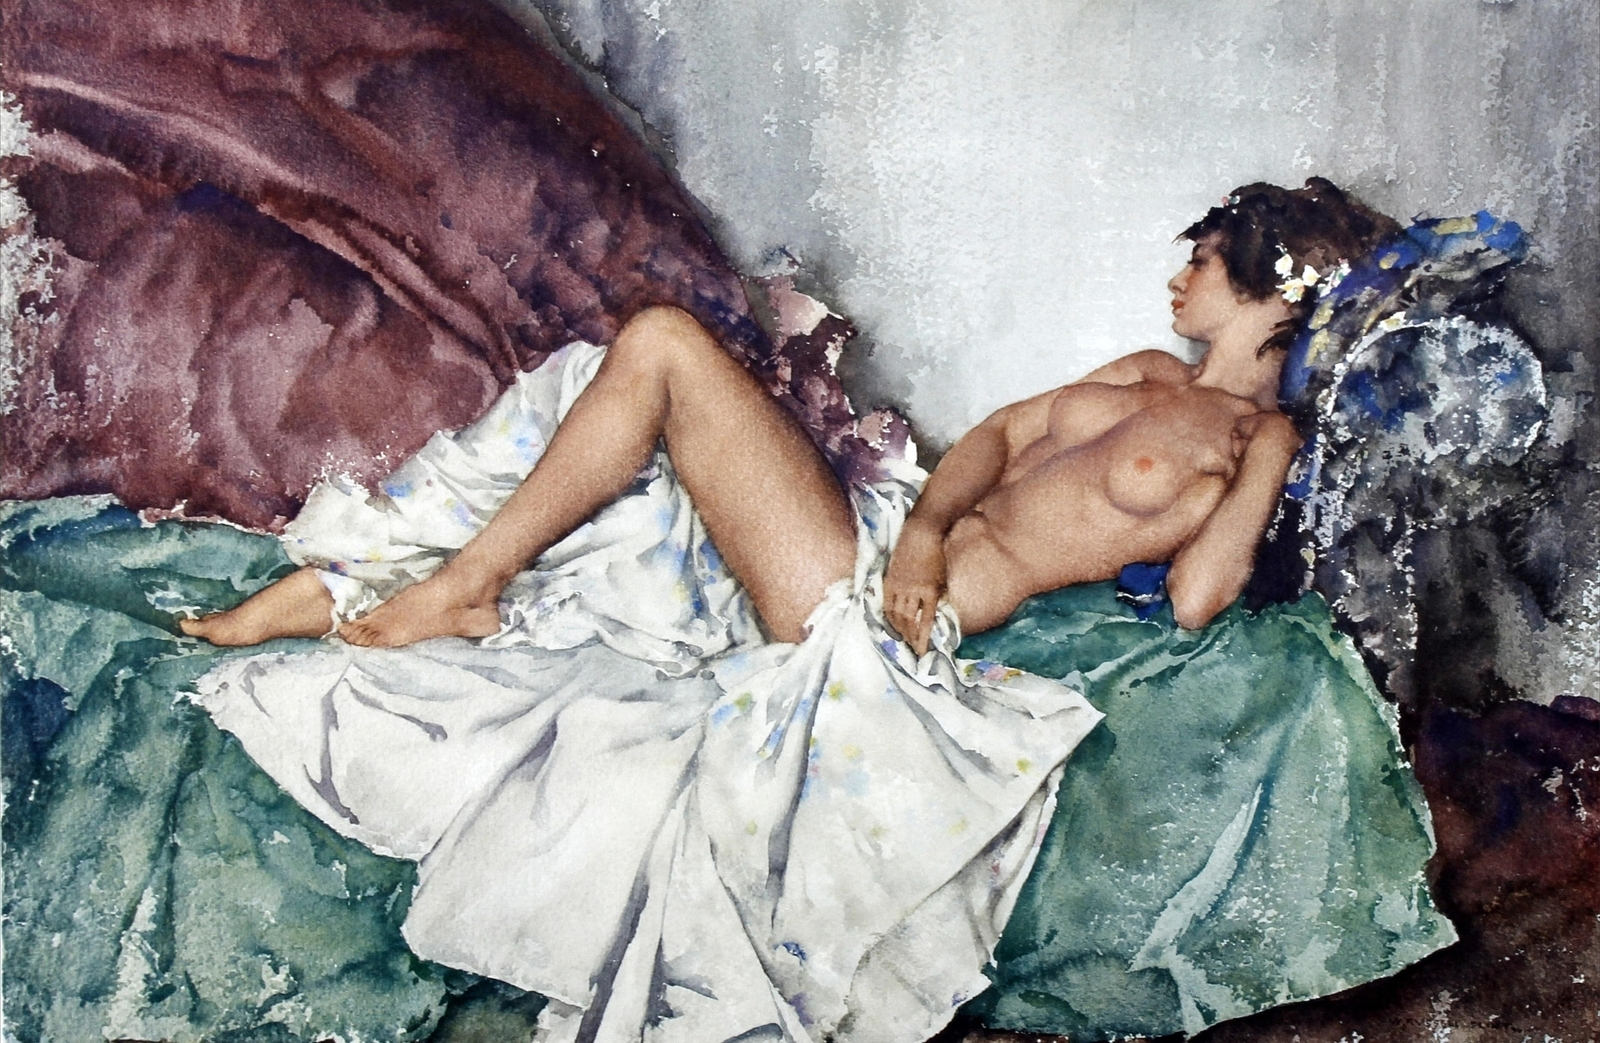 Сэр Уильям Рассел  Флинт. Лежащая обнаженная II (Reclining Nude II). 38.5 x 57. Акварель. Частное собрание.